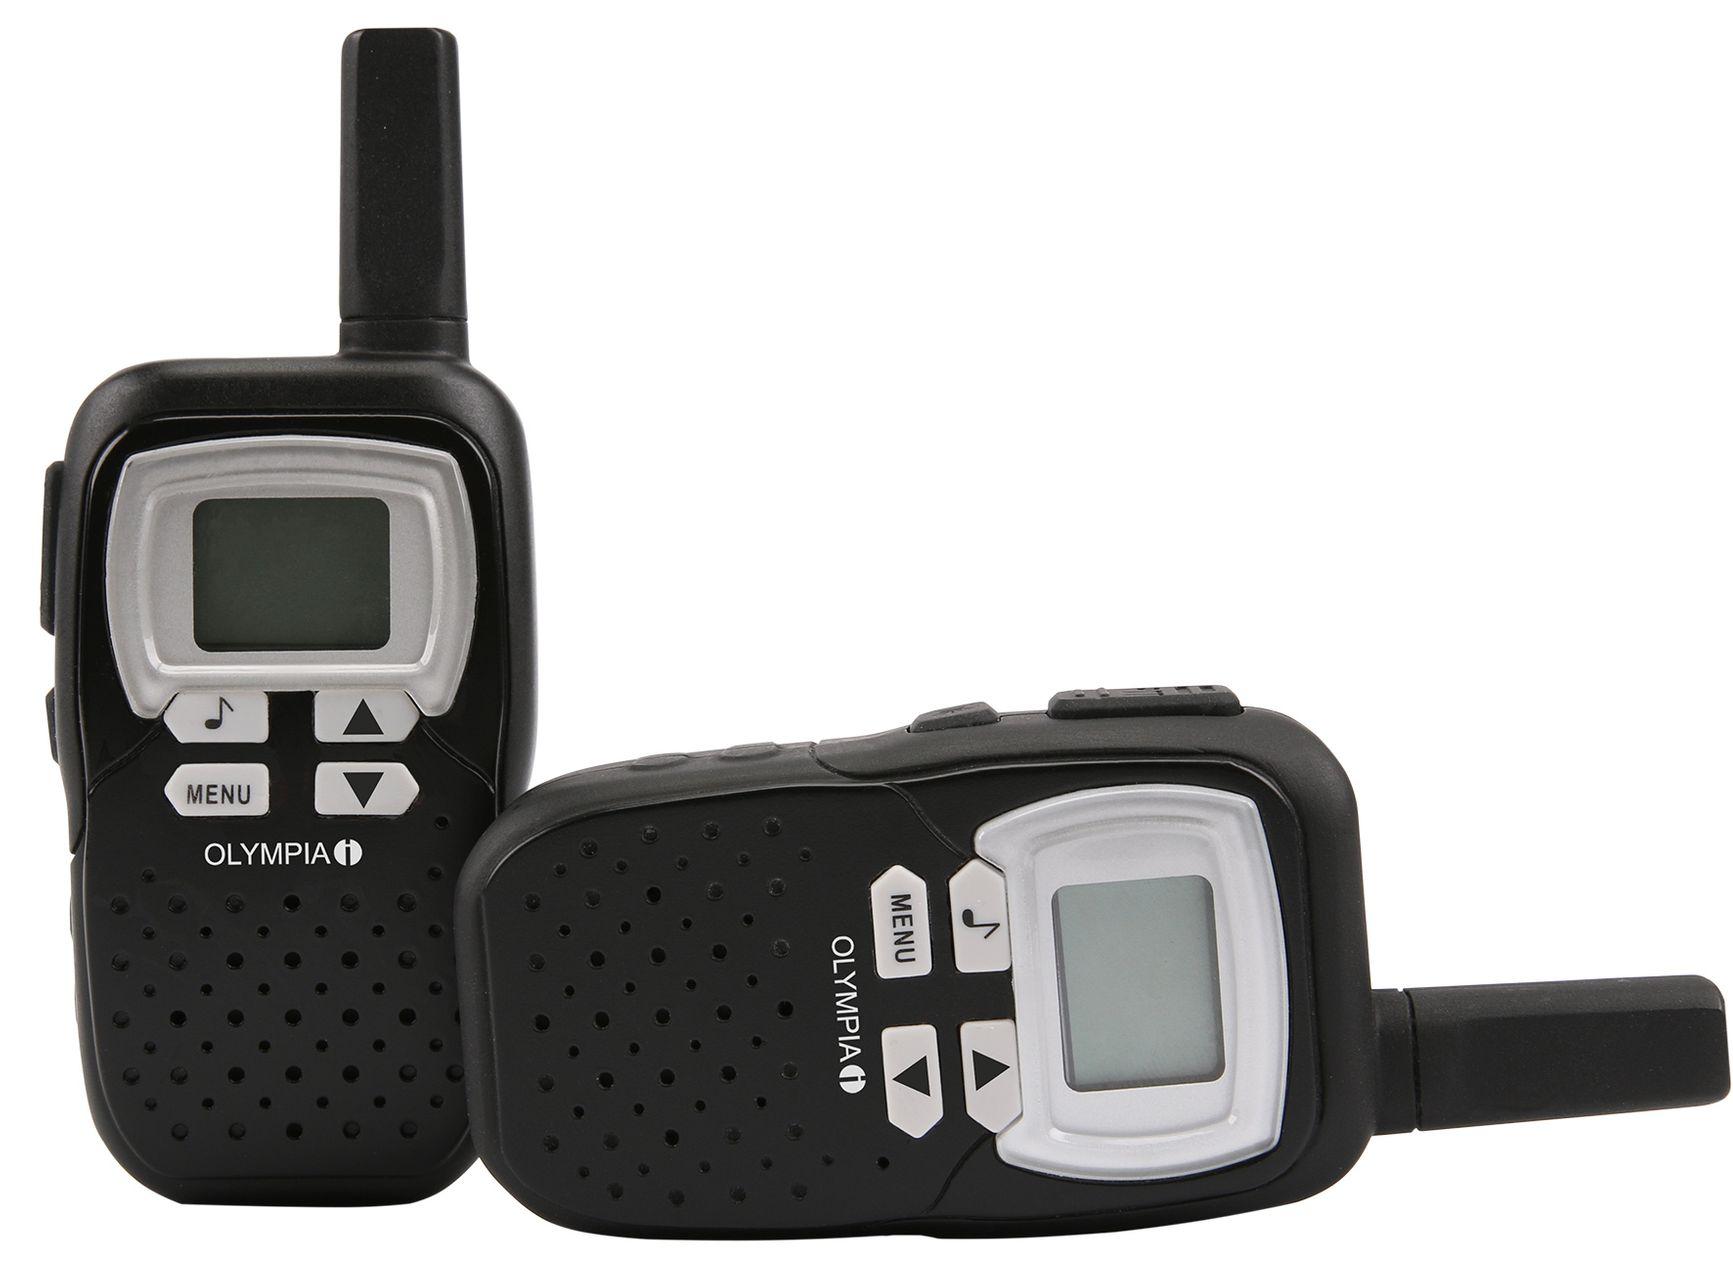 olympia pmr 1208 walkie talkie 8 km reichweite schwarz. Black Bedroom Furniture Sets. Home Design Ideas